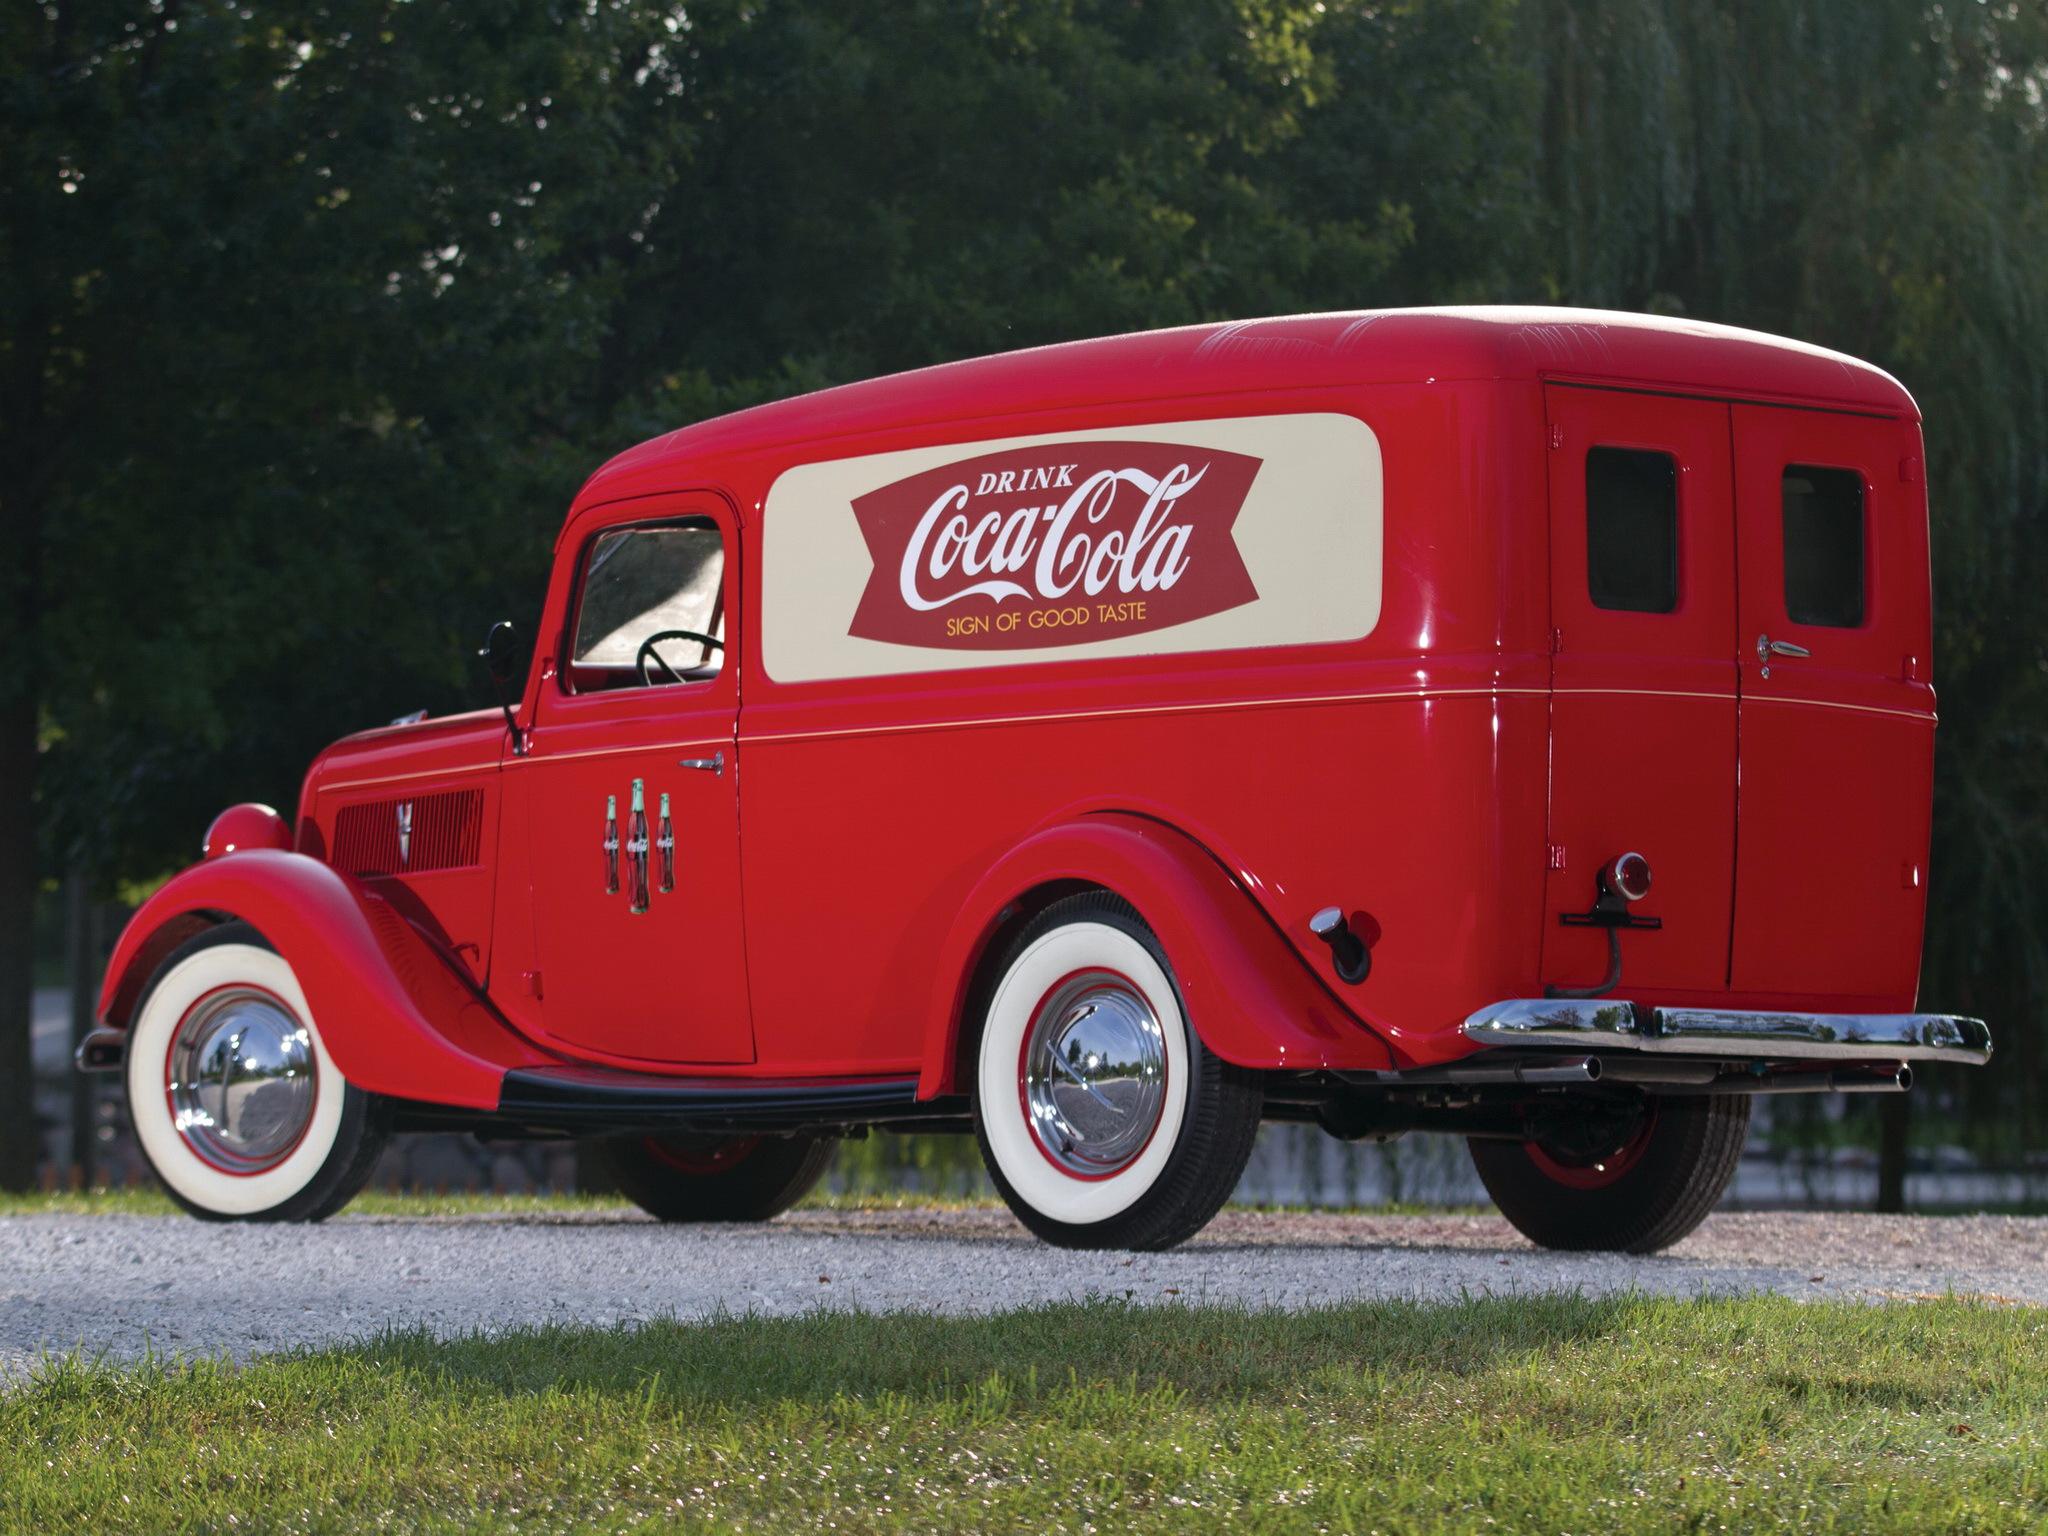 Coca Cola Trucks Wallpaper V-8 Drinks Coca Cola f